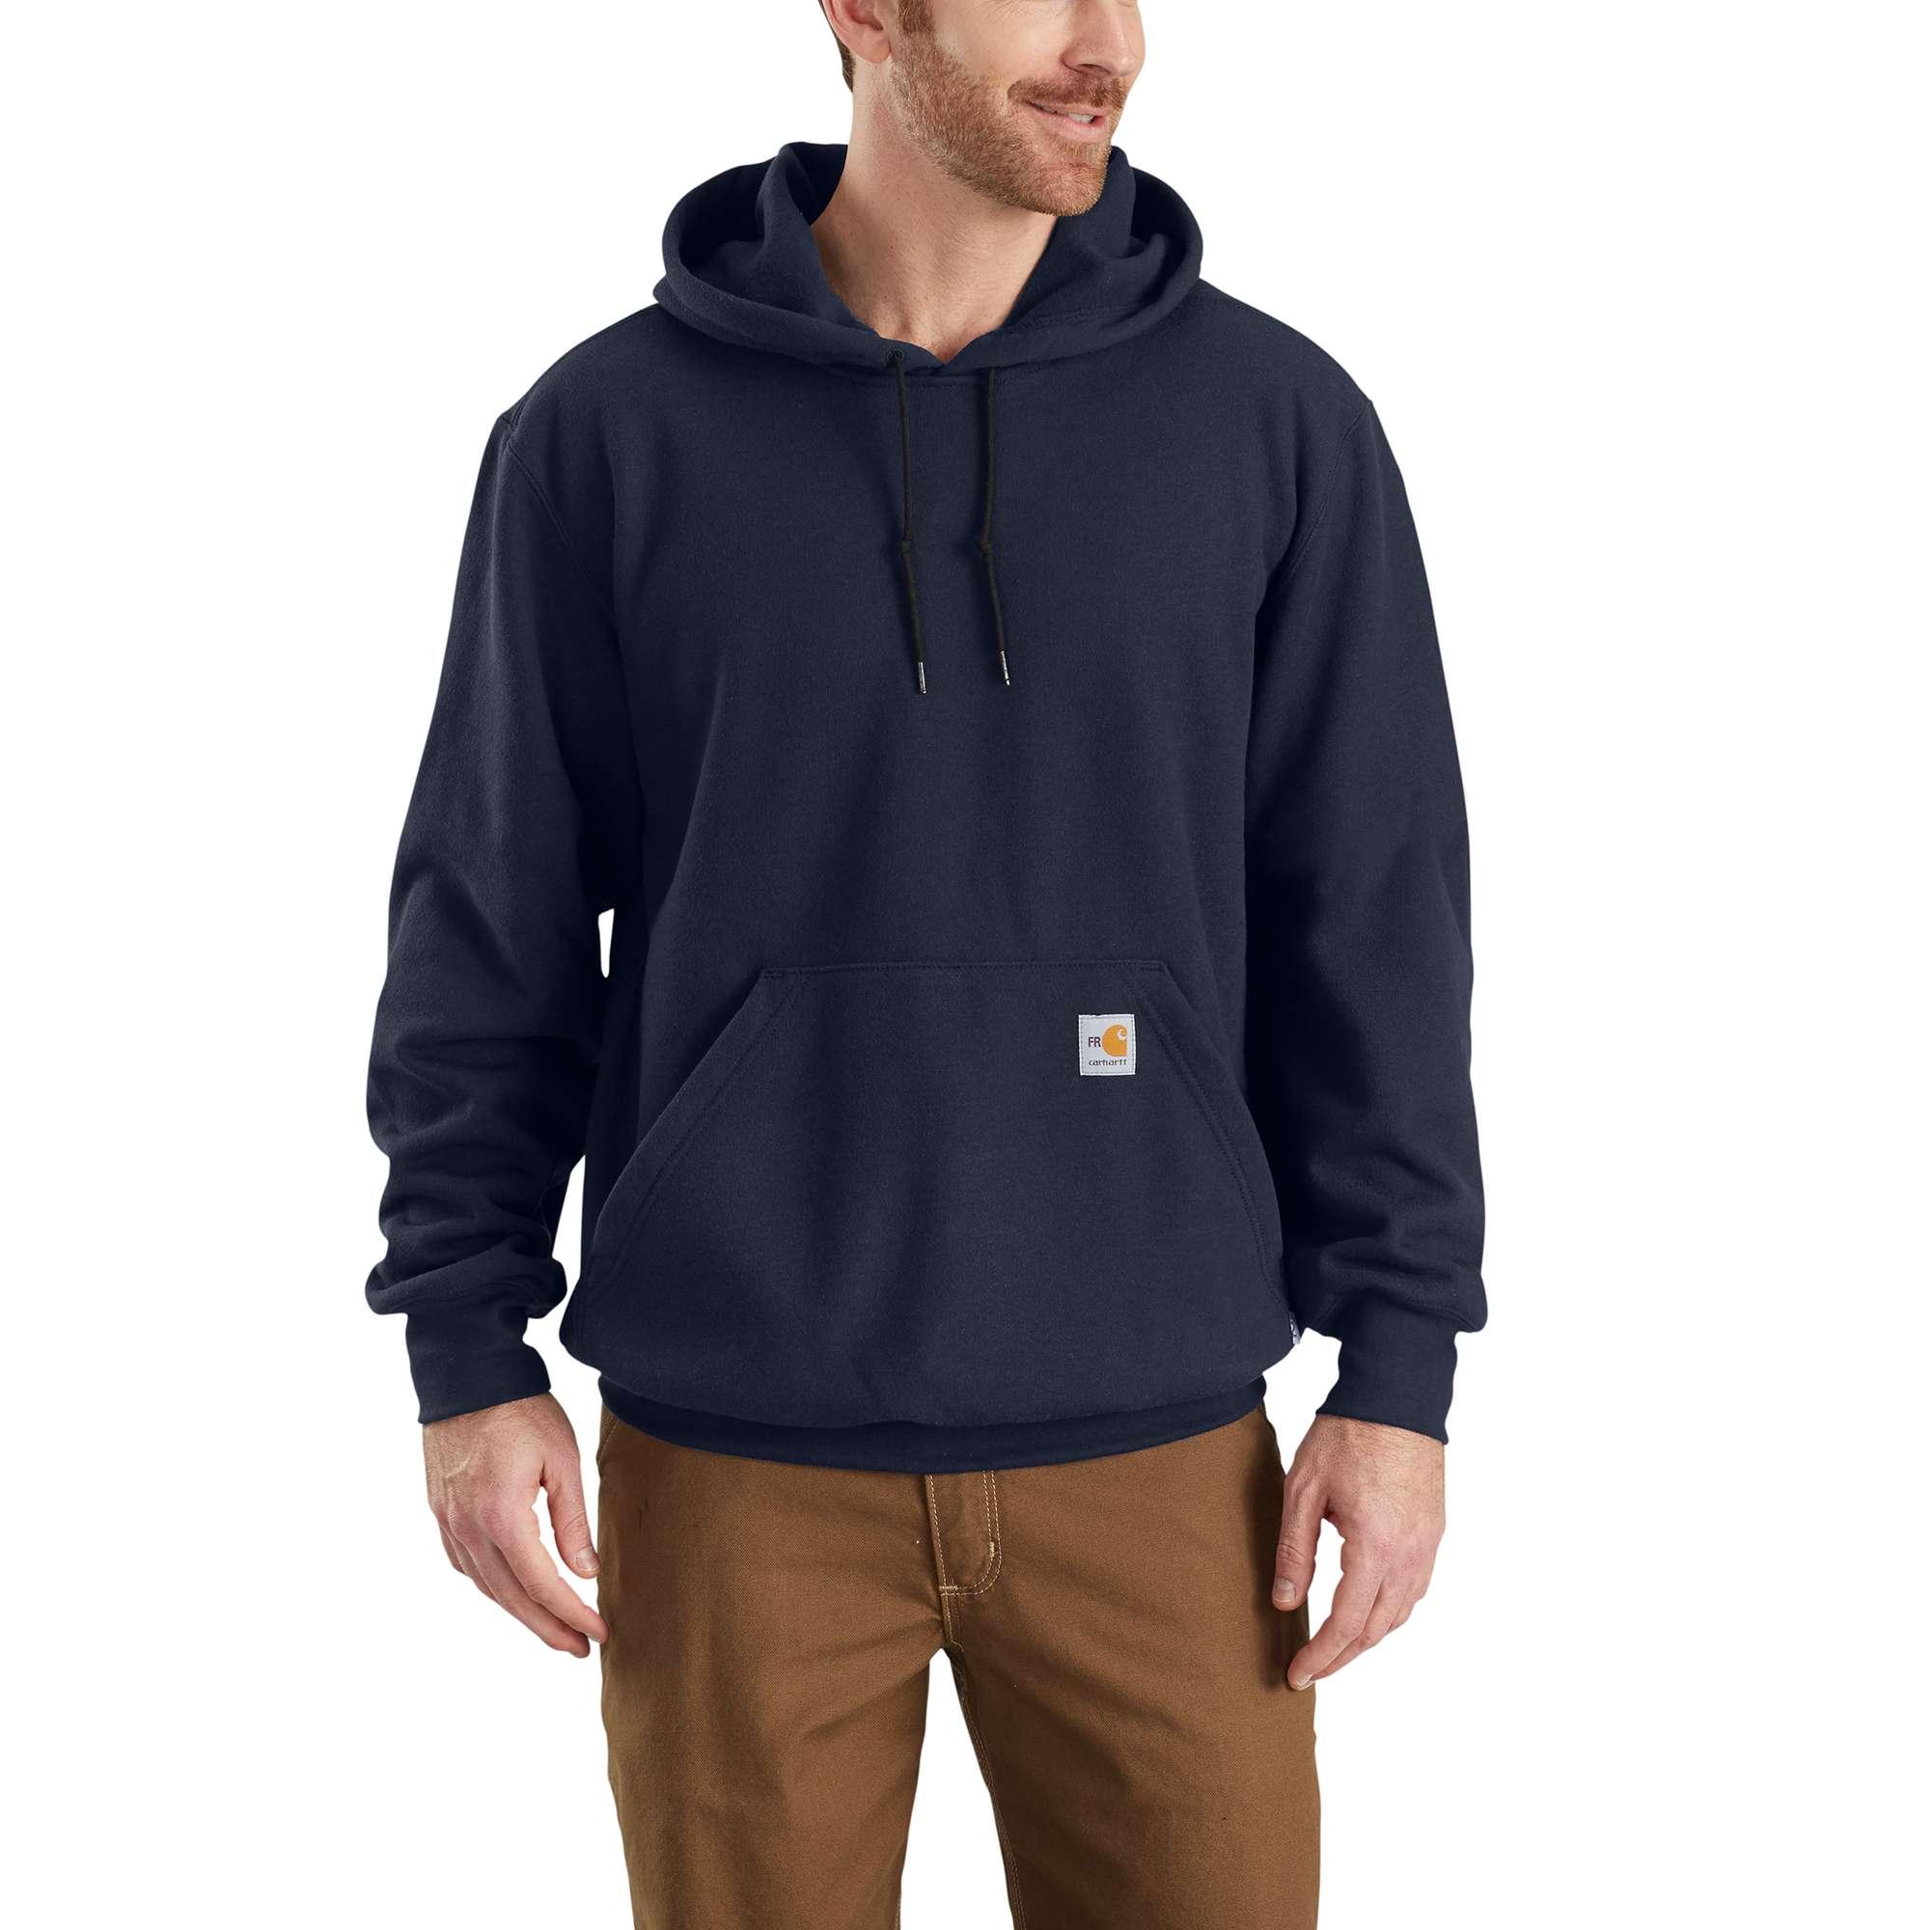 Carhartt Flame-Resistant Rain Defender Hooded Heavyweight Sweatshirt